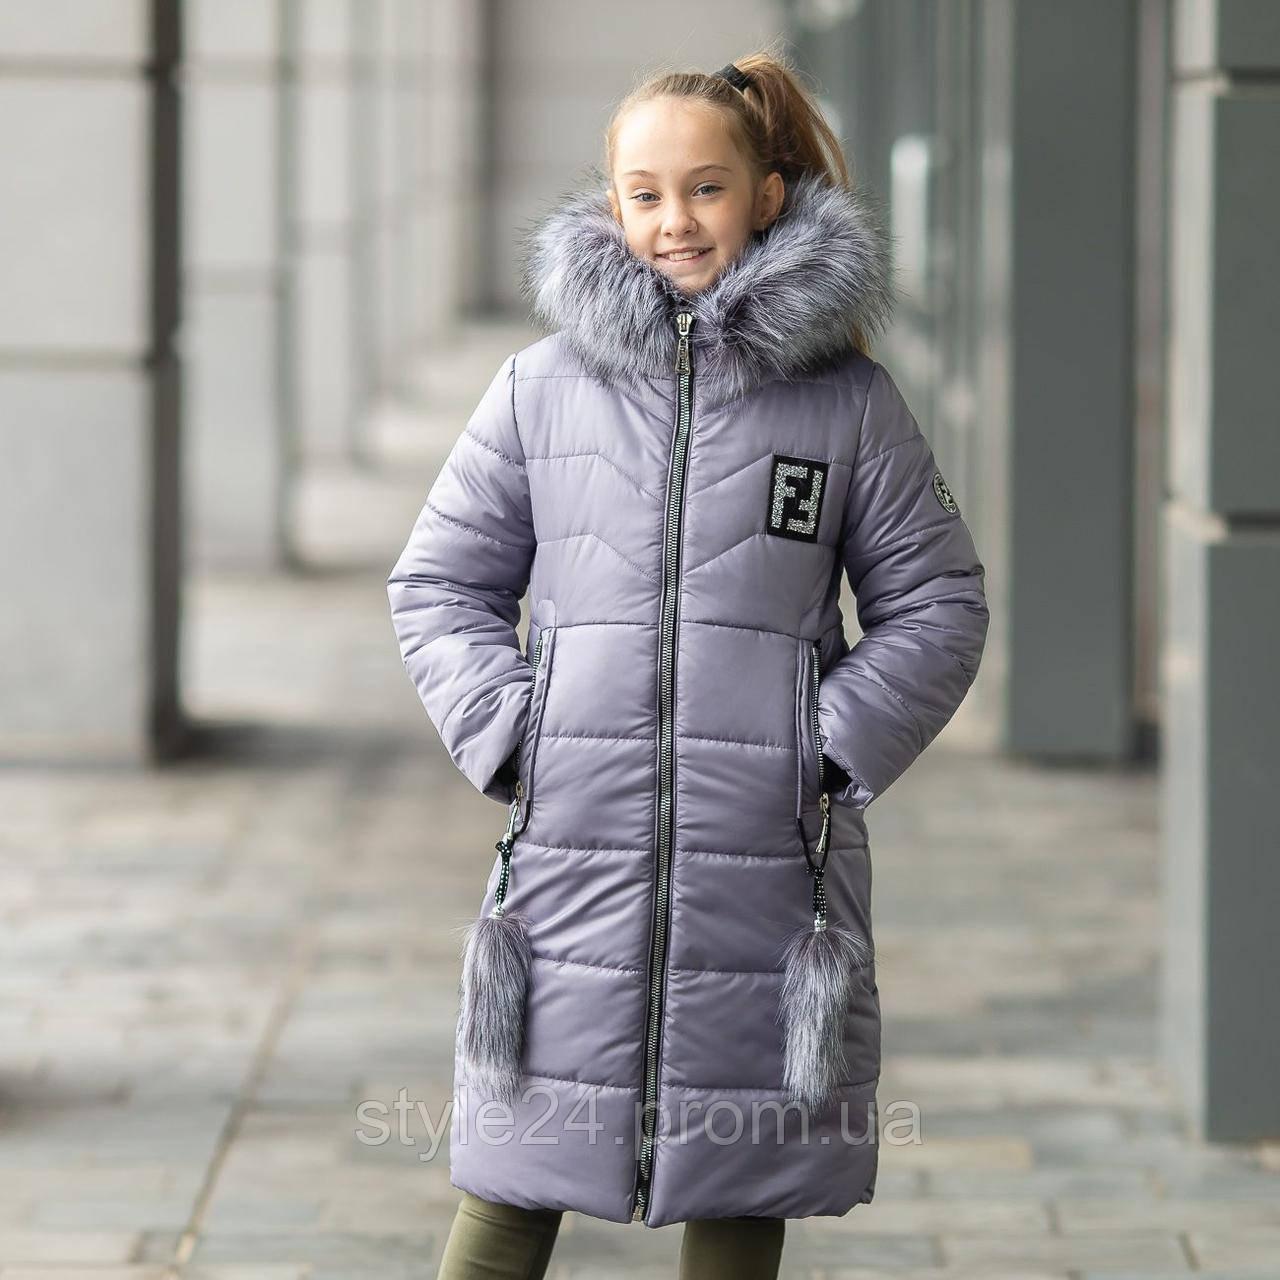 Зимове пальто на дівчинку з опушкою . Р-ри 134-152